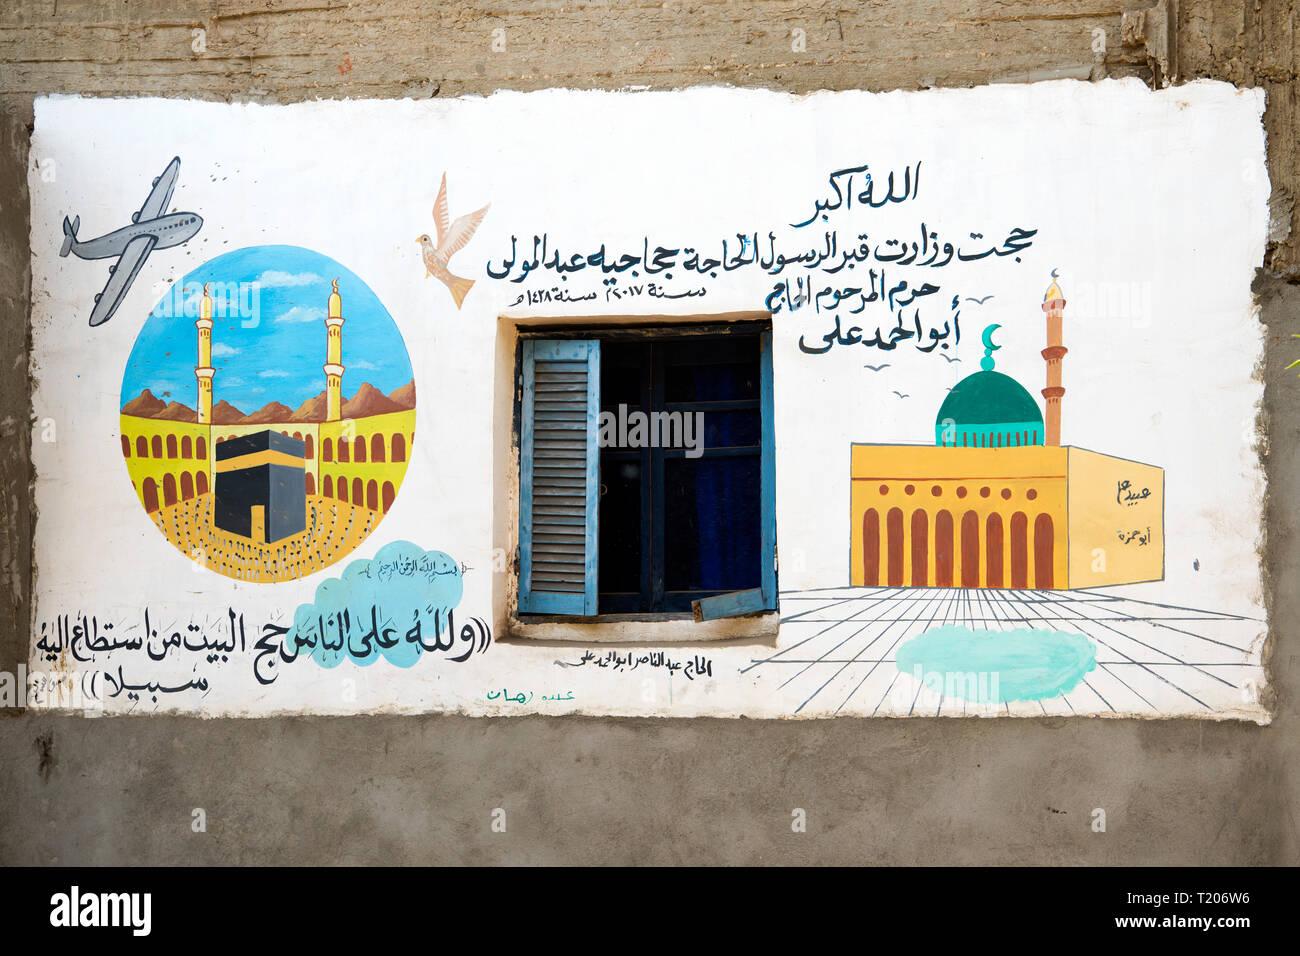 Ägypten, Dorf Garagos nördlich von Luxor bei Qena, Graffiti an Haus zum Zeichen einer Wallfahrt nach Mekka - Stock Image